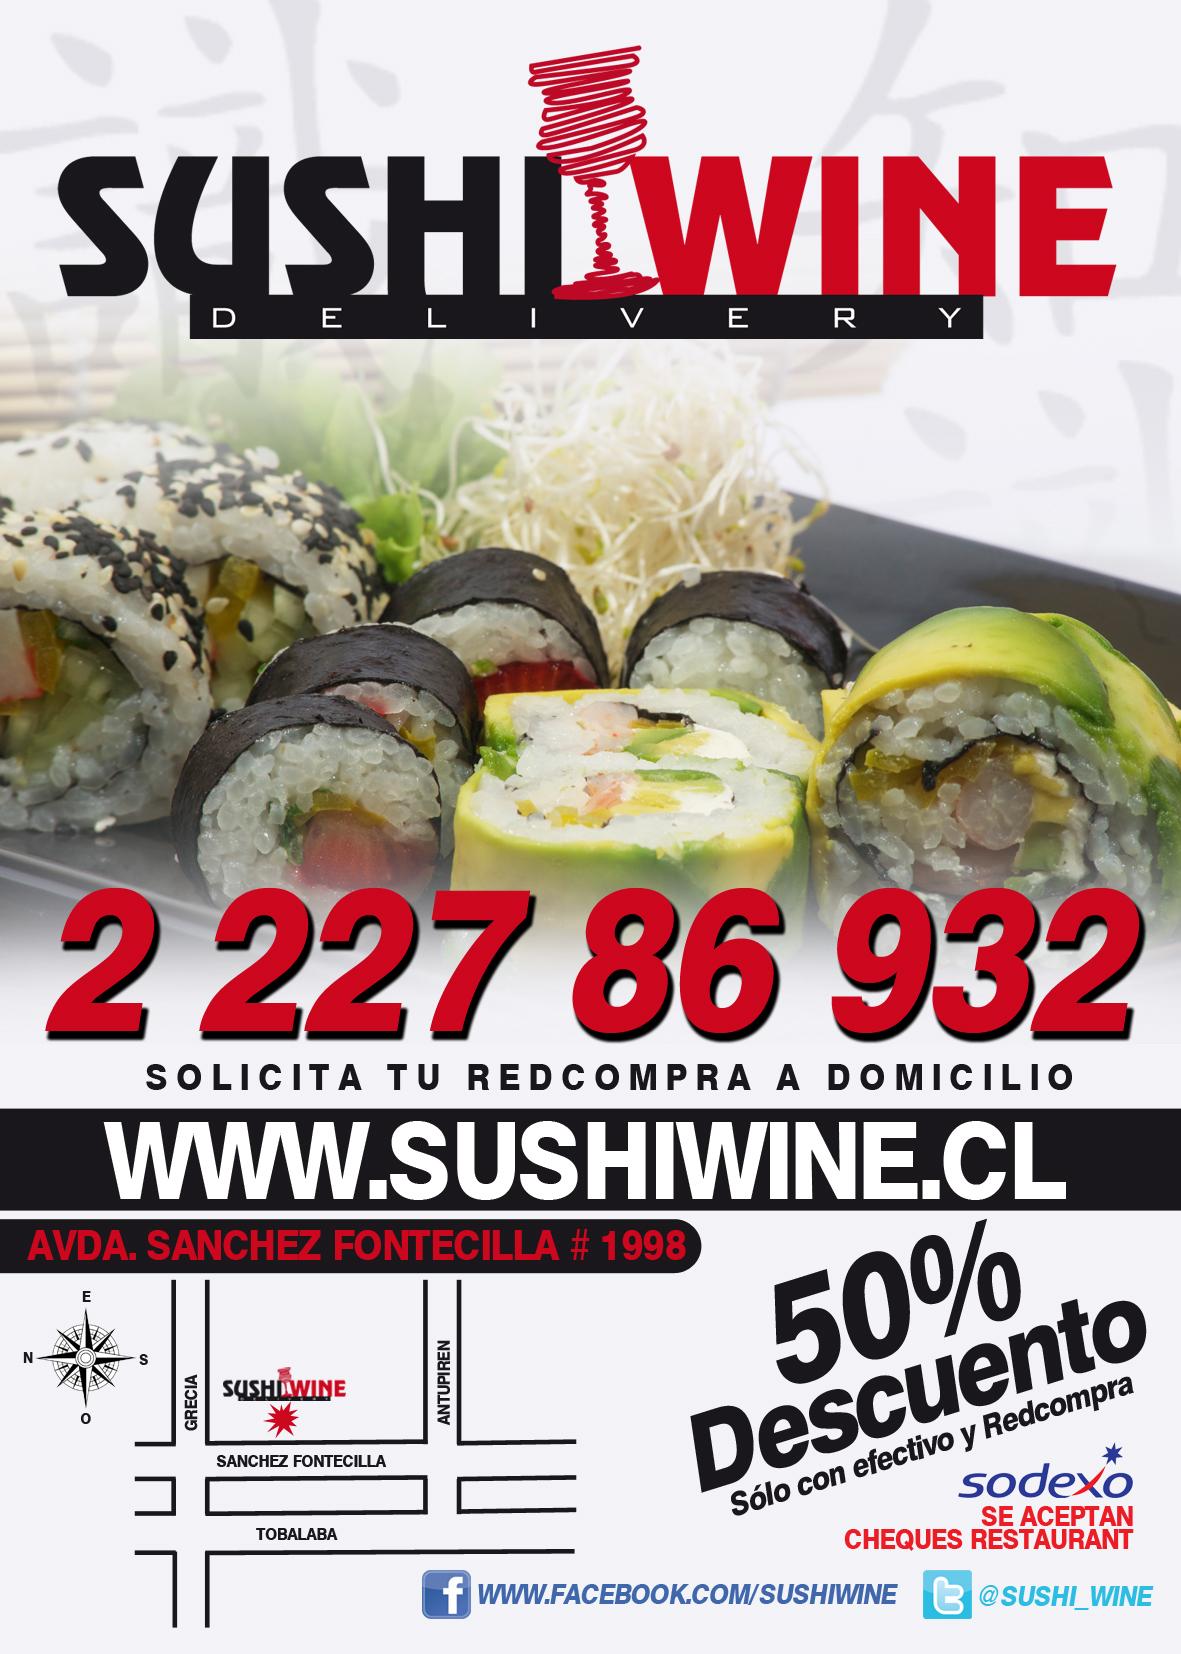 SushiWine